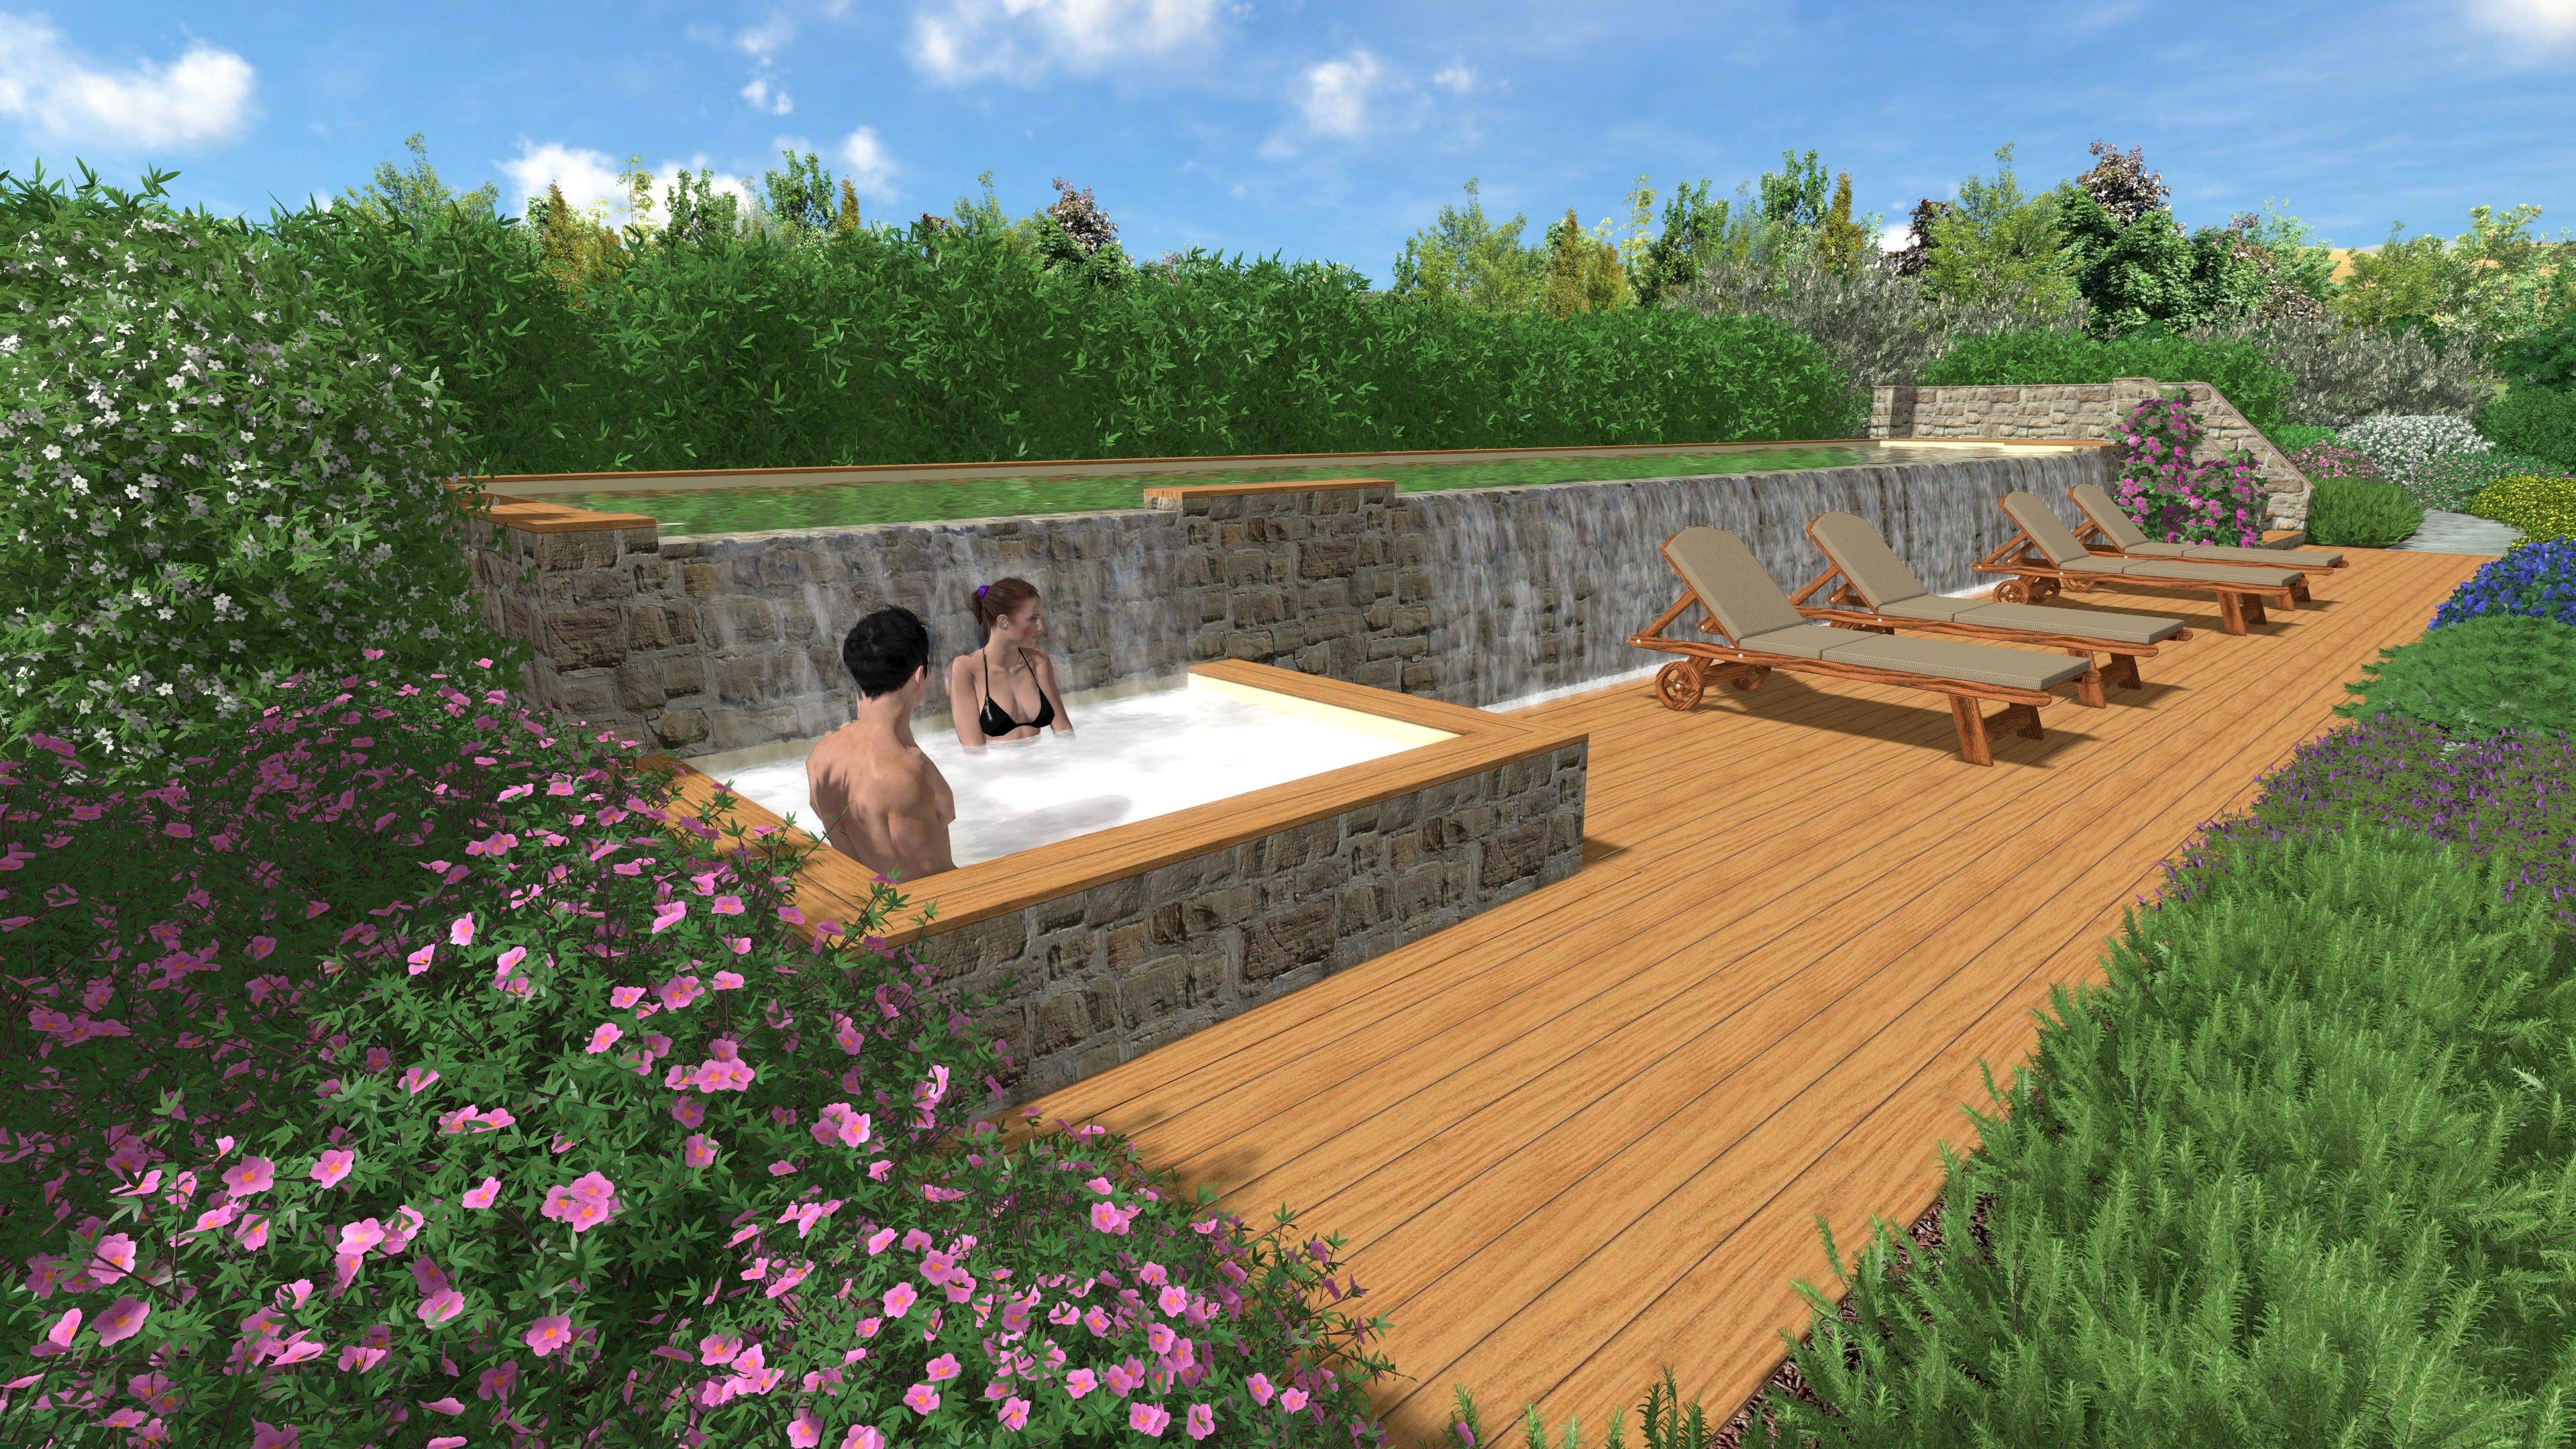 Home davide giorgi paesaggista for Rendering giardino